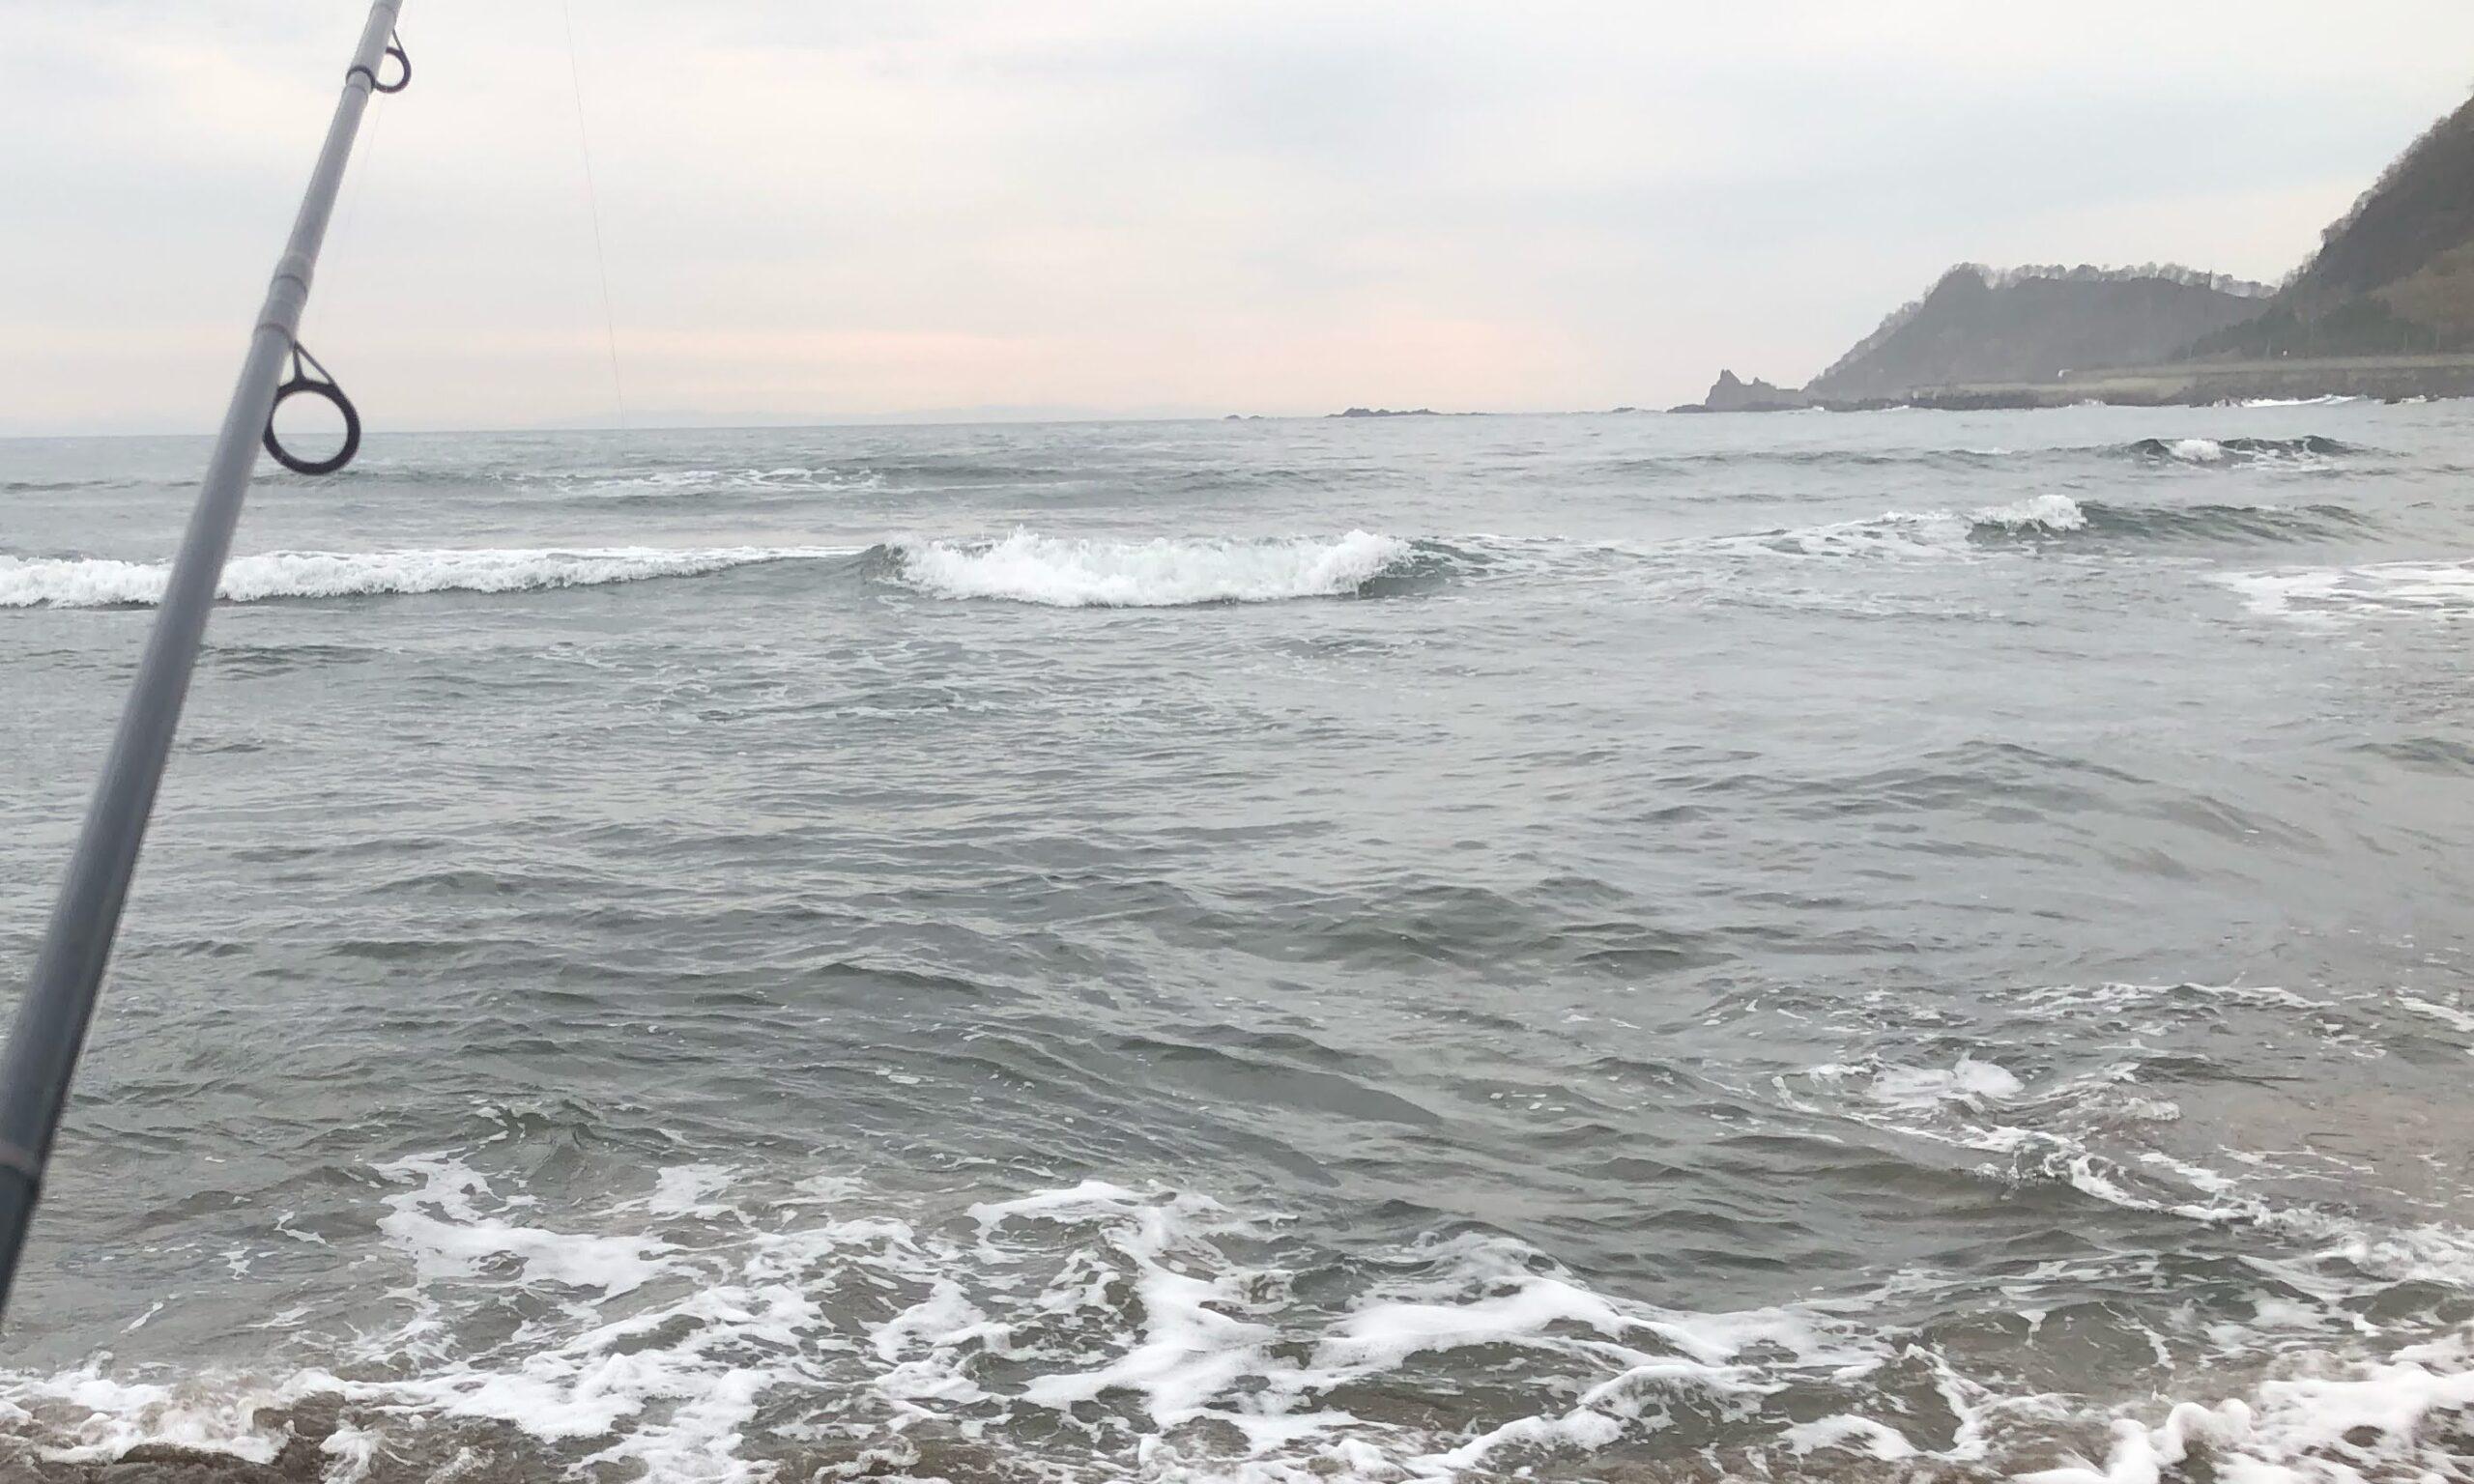 積丹町美国海岸 サクラマス釣り 2021.5.5